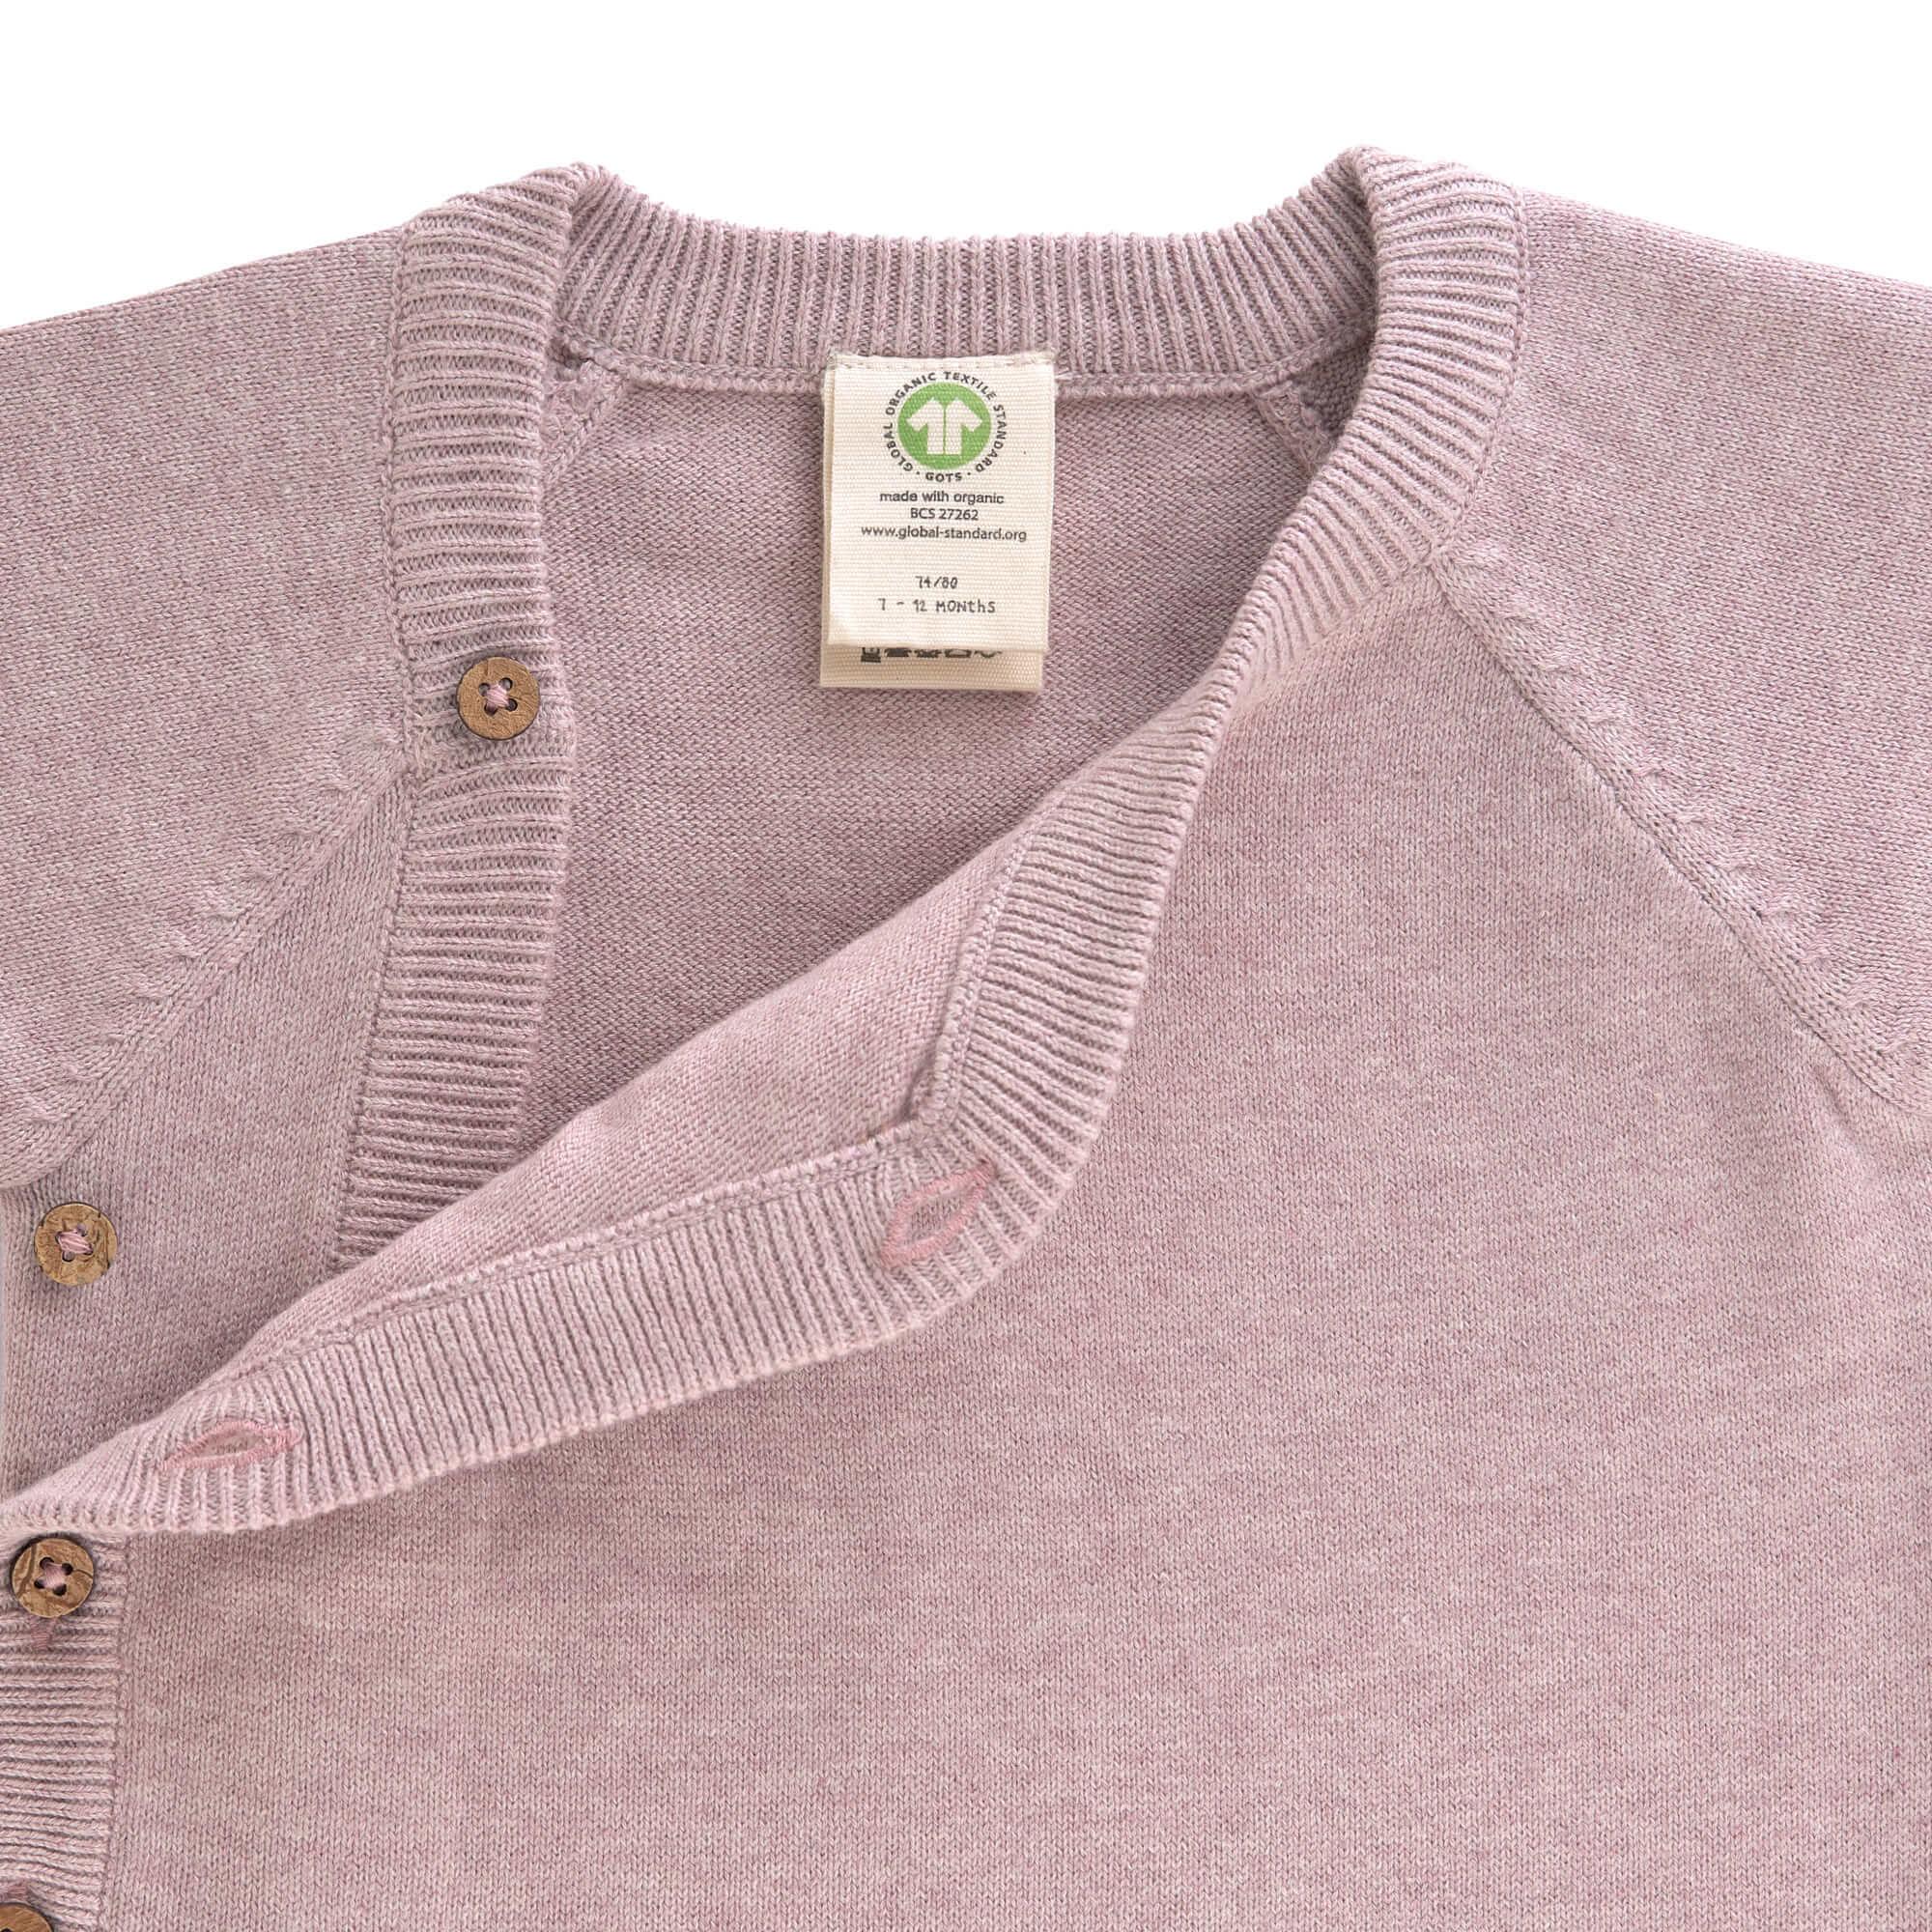 Lässig Lässig baby gebreide Kimono GOTS Garden Explorer light pink 62-68 2-6 mnd